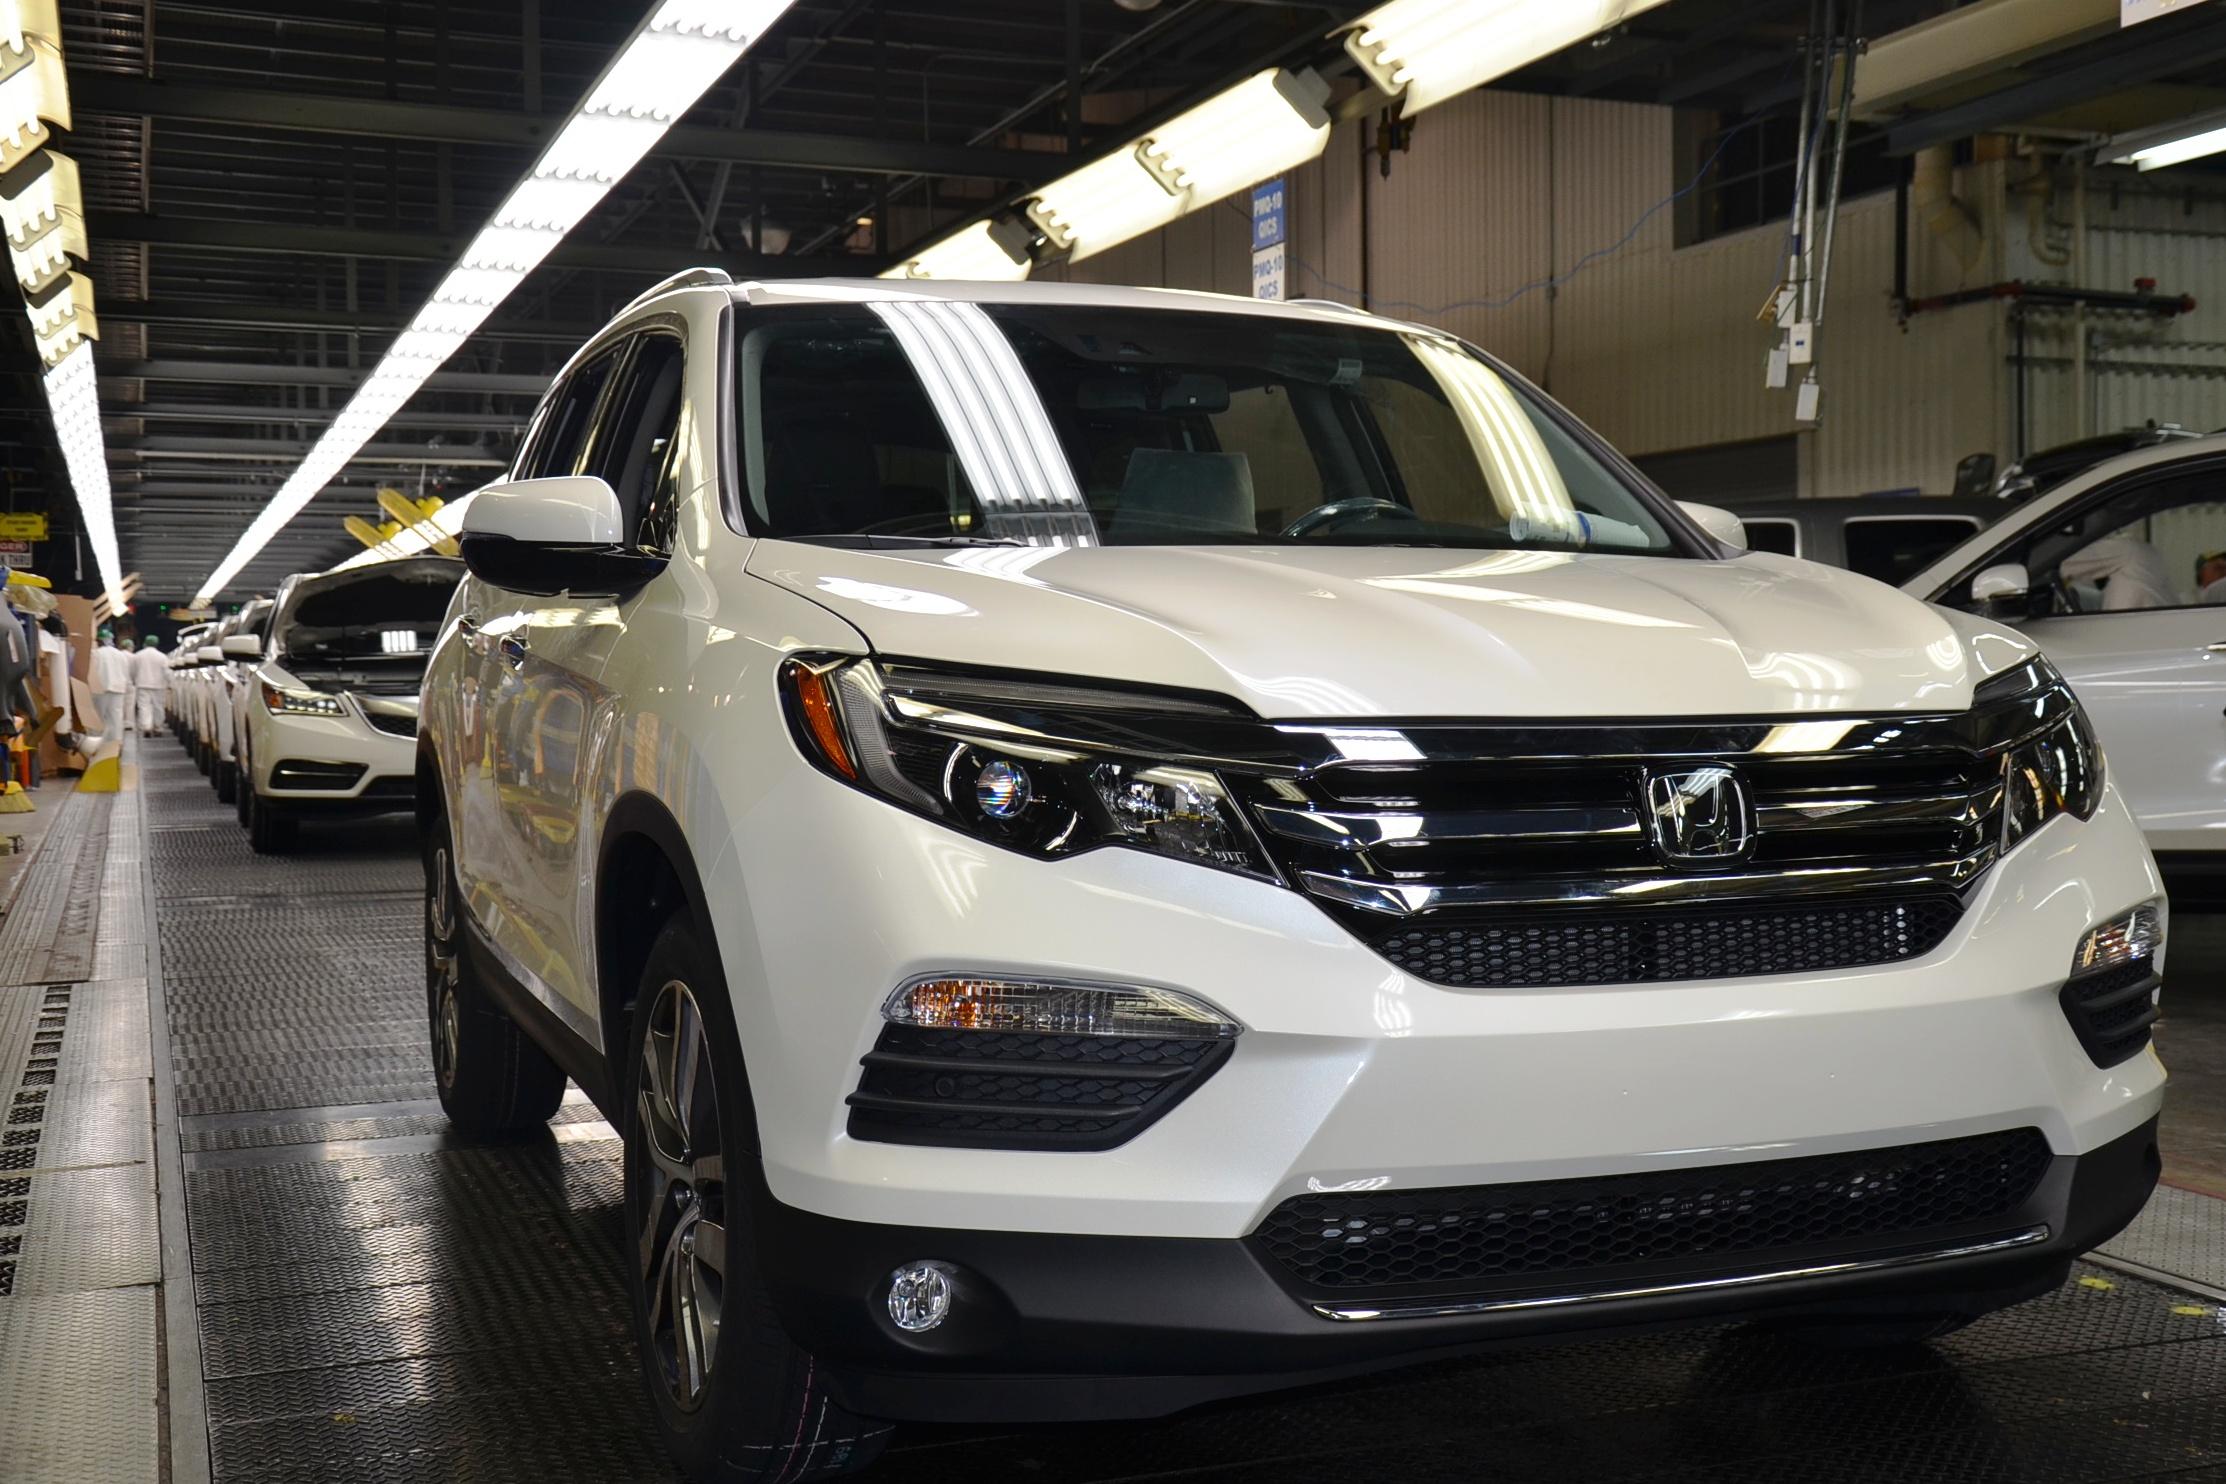 2016 honda pilot joins ranks of new alabama made autos